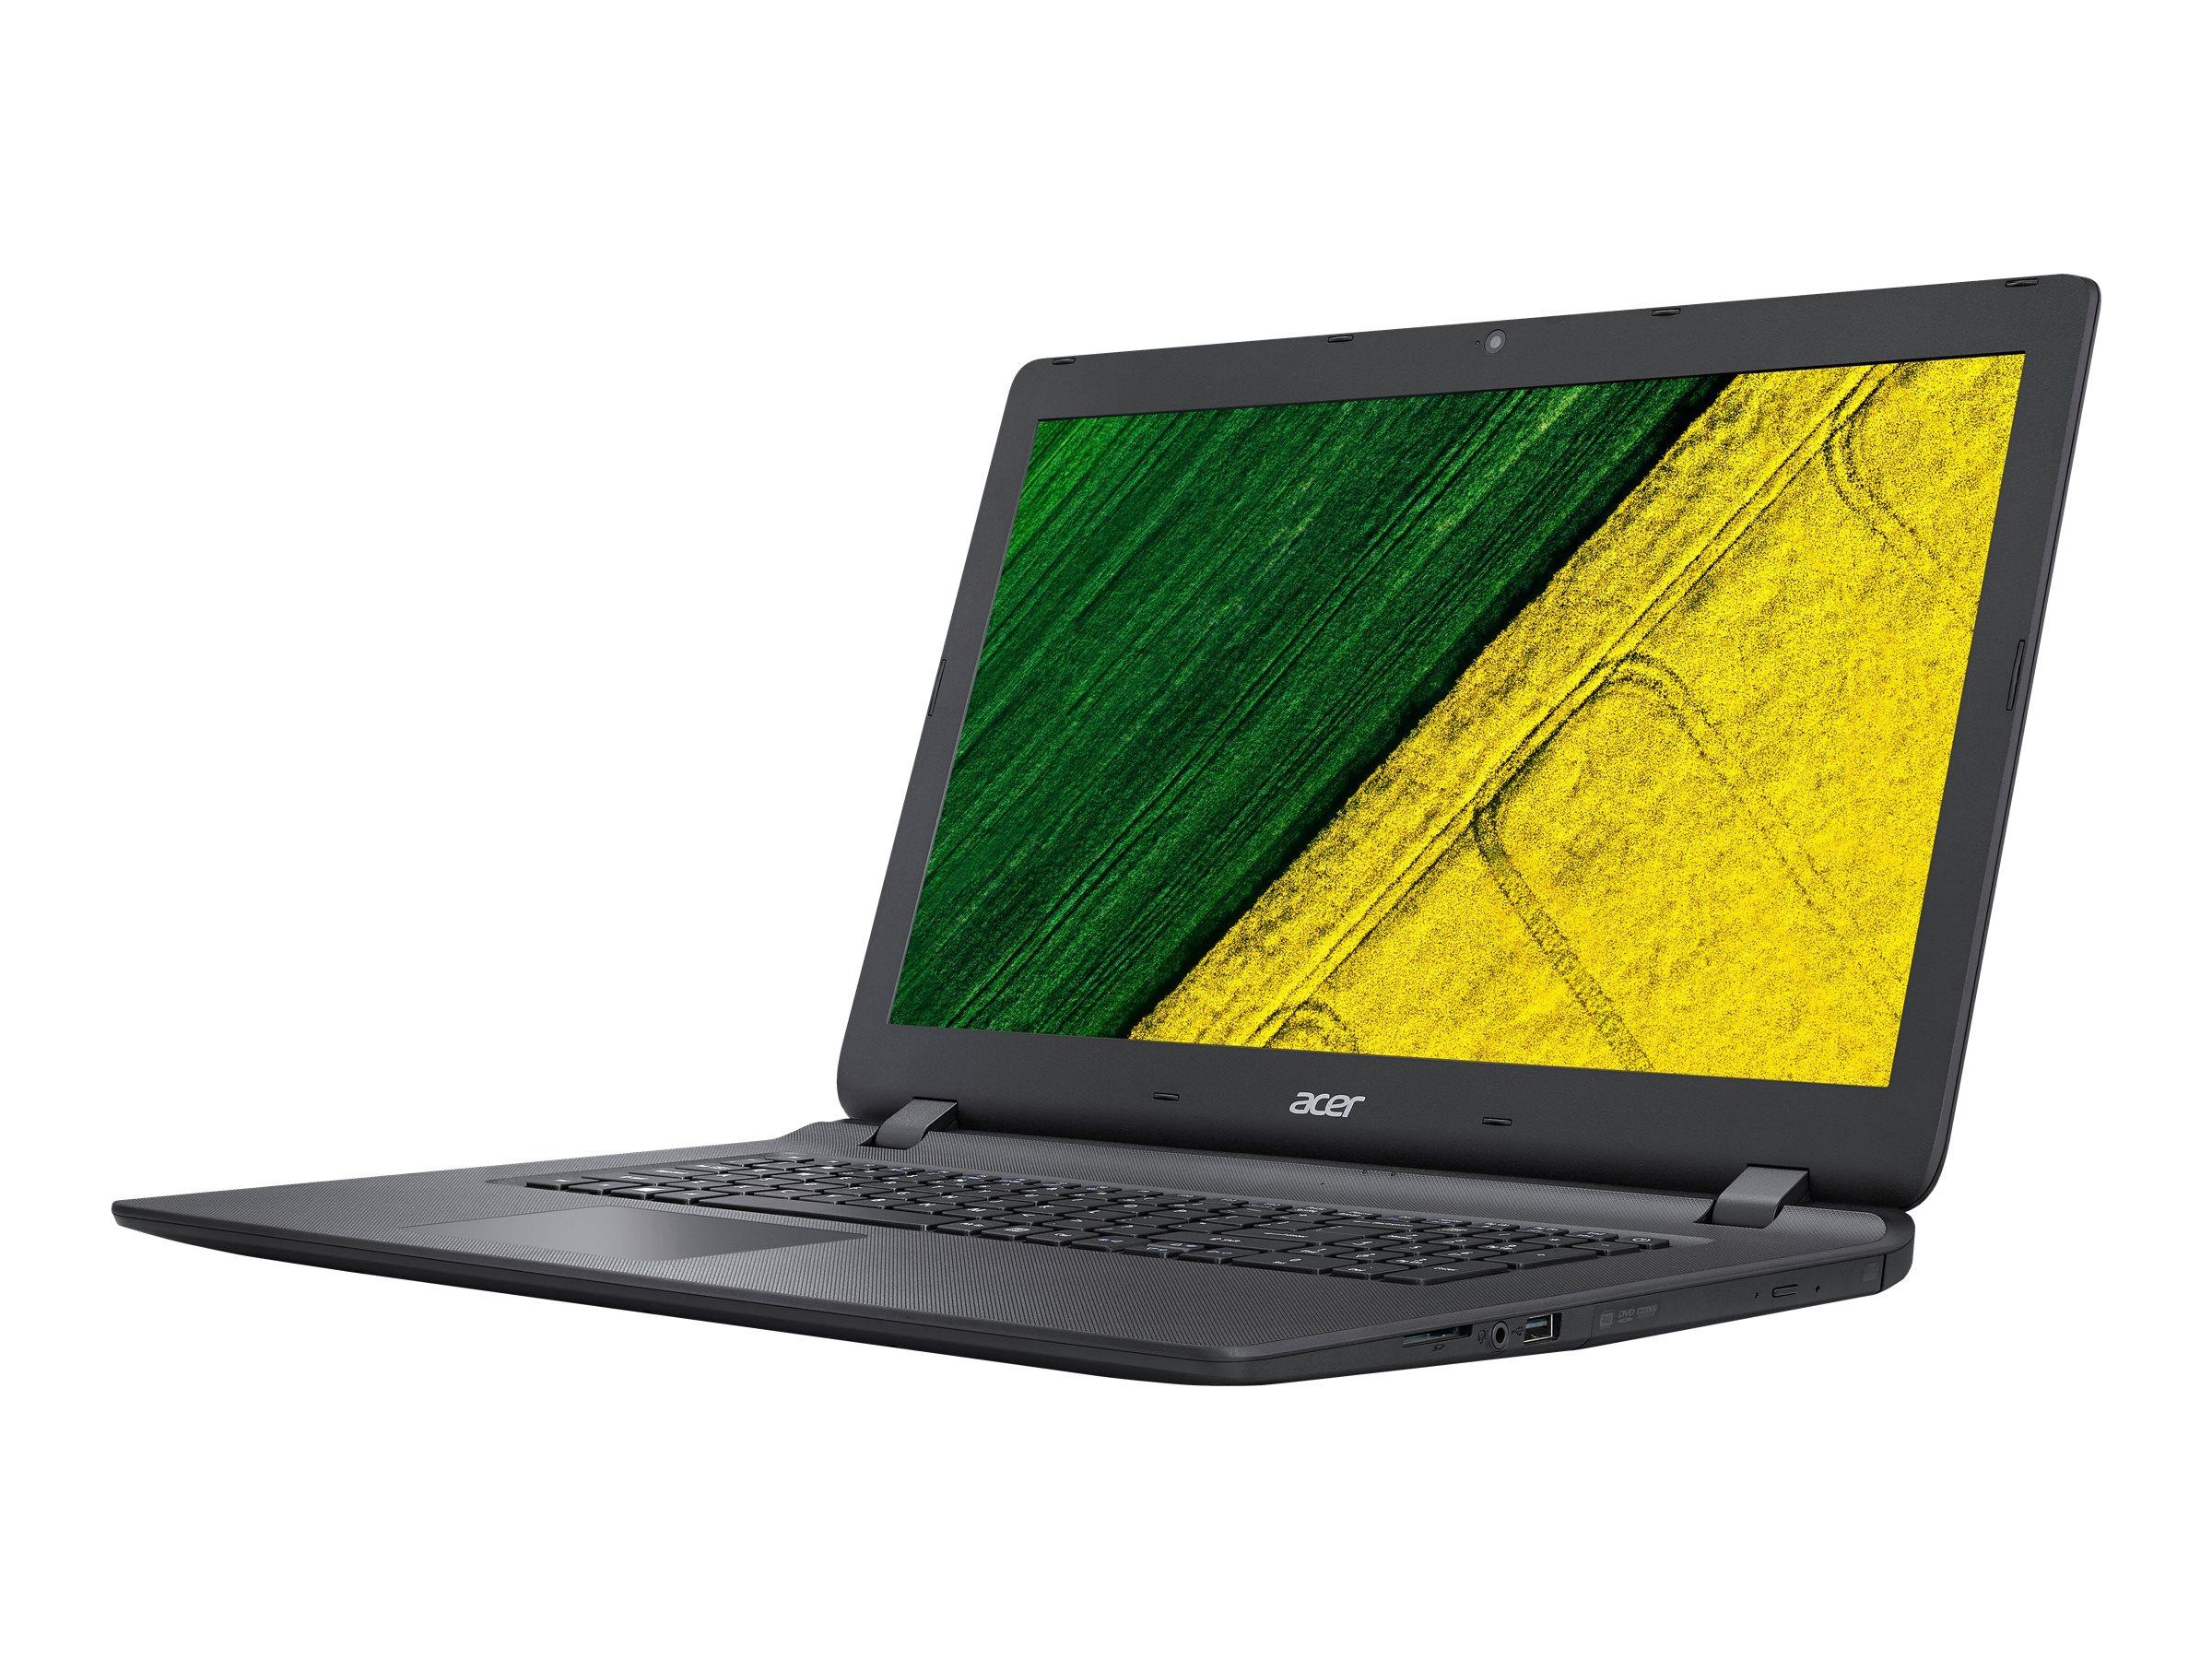 Acer Aspire ES 17 ES1-732-P9EX - Pentium N4200 / 1.1 GHz - Win 10 Home 64-Bit - 8 GB RAM - 256 GB SSD - DVD-Writer - 43.